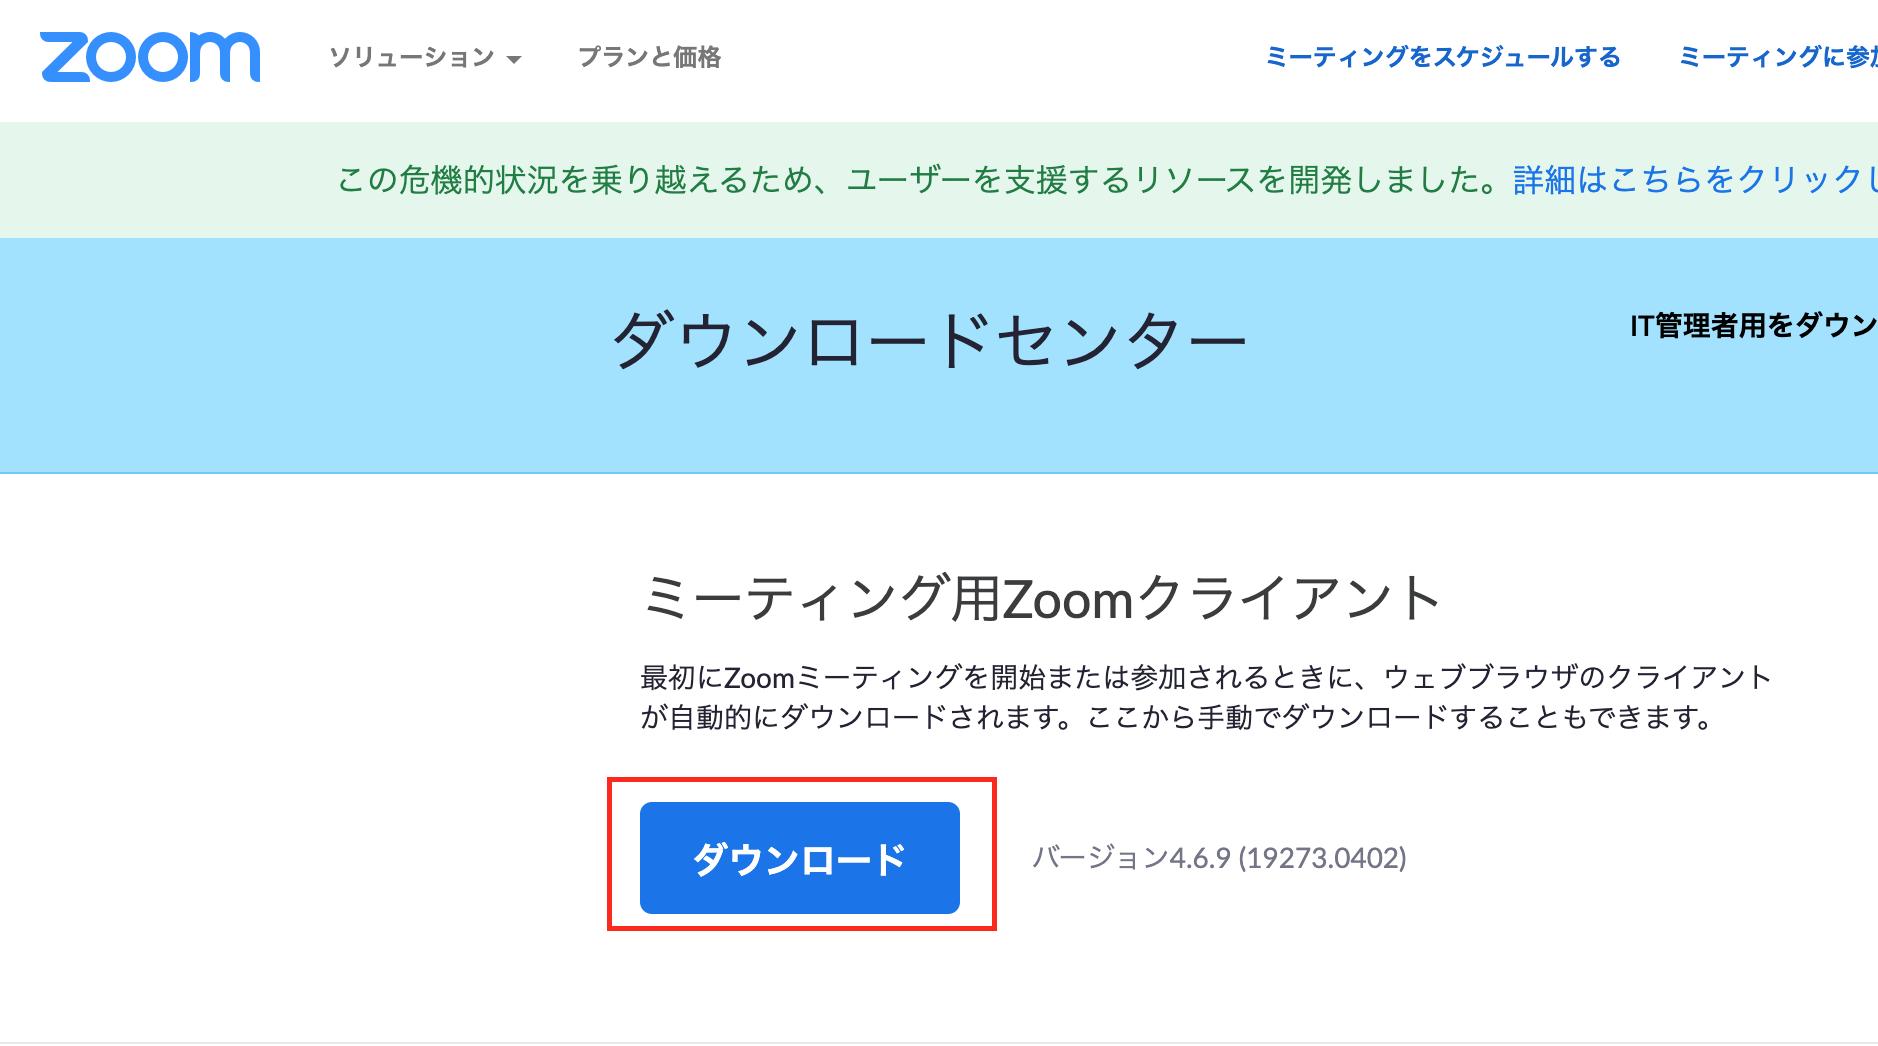 スクリーンショット 2020-04-06 19.14.14.png